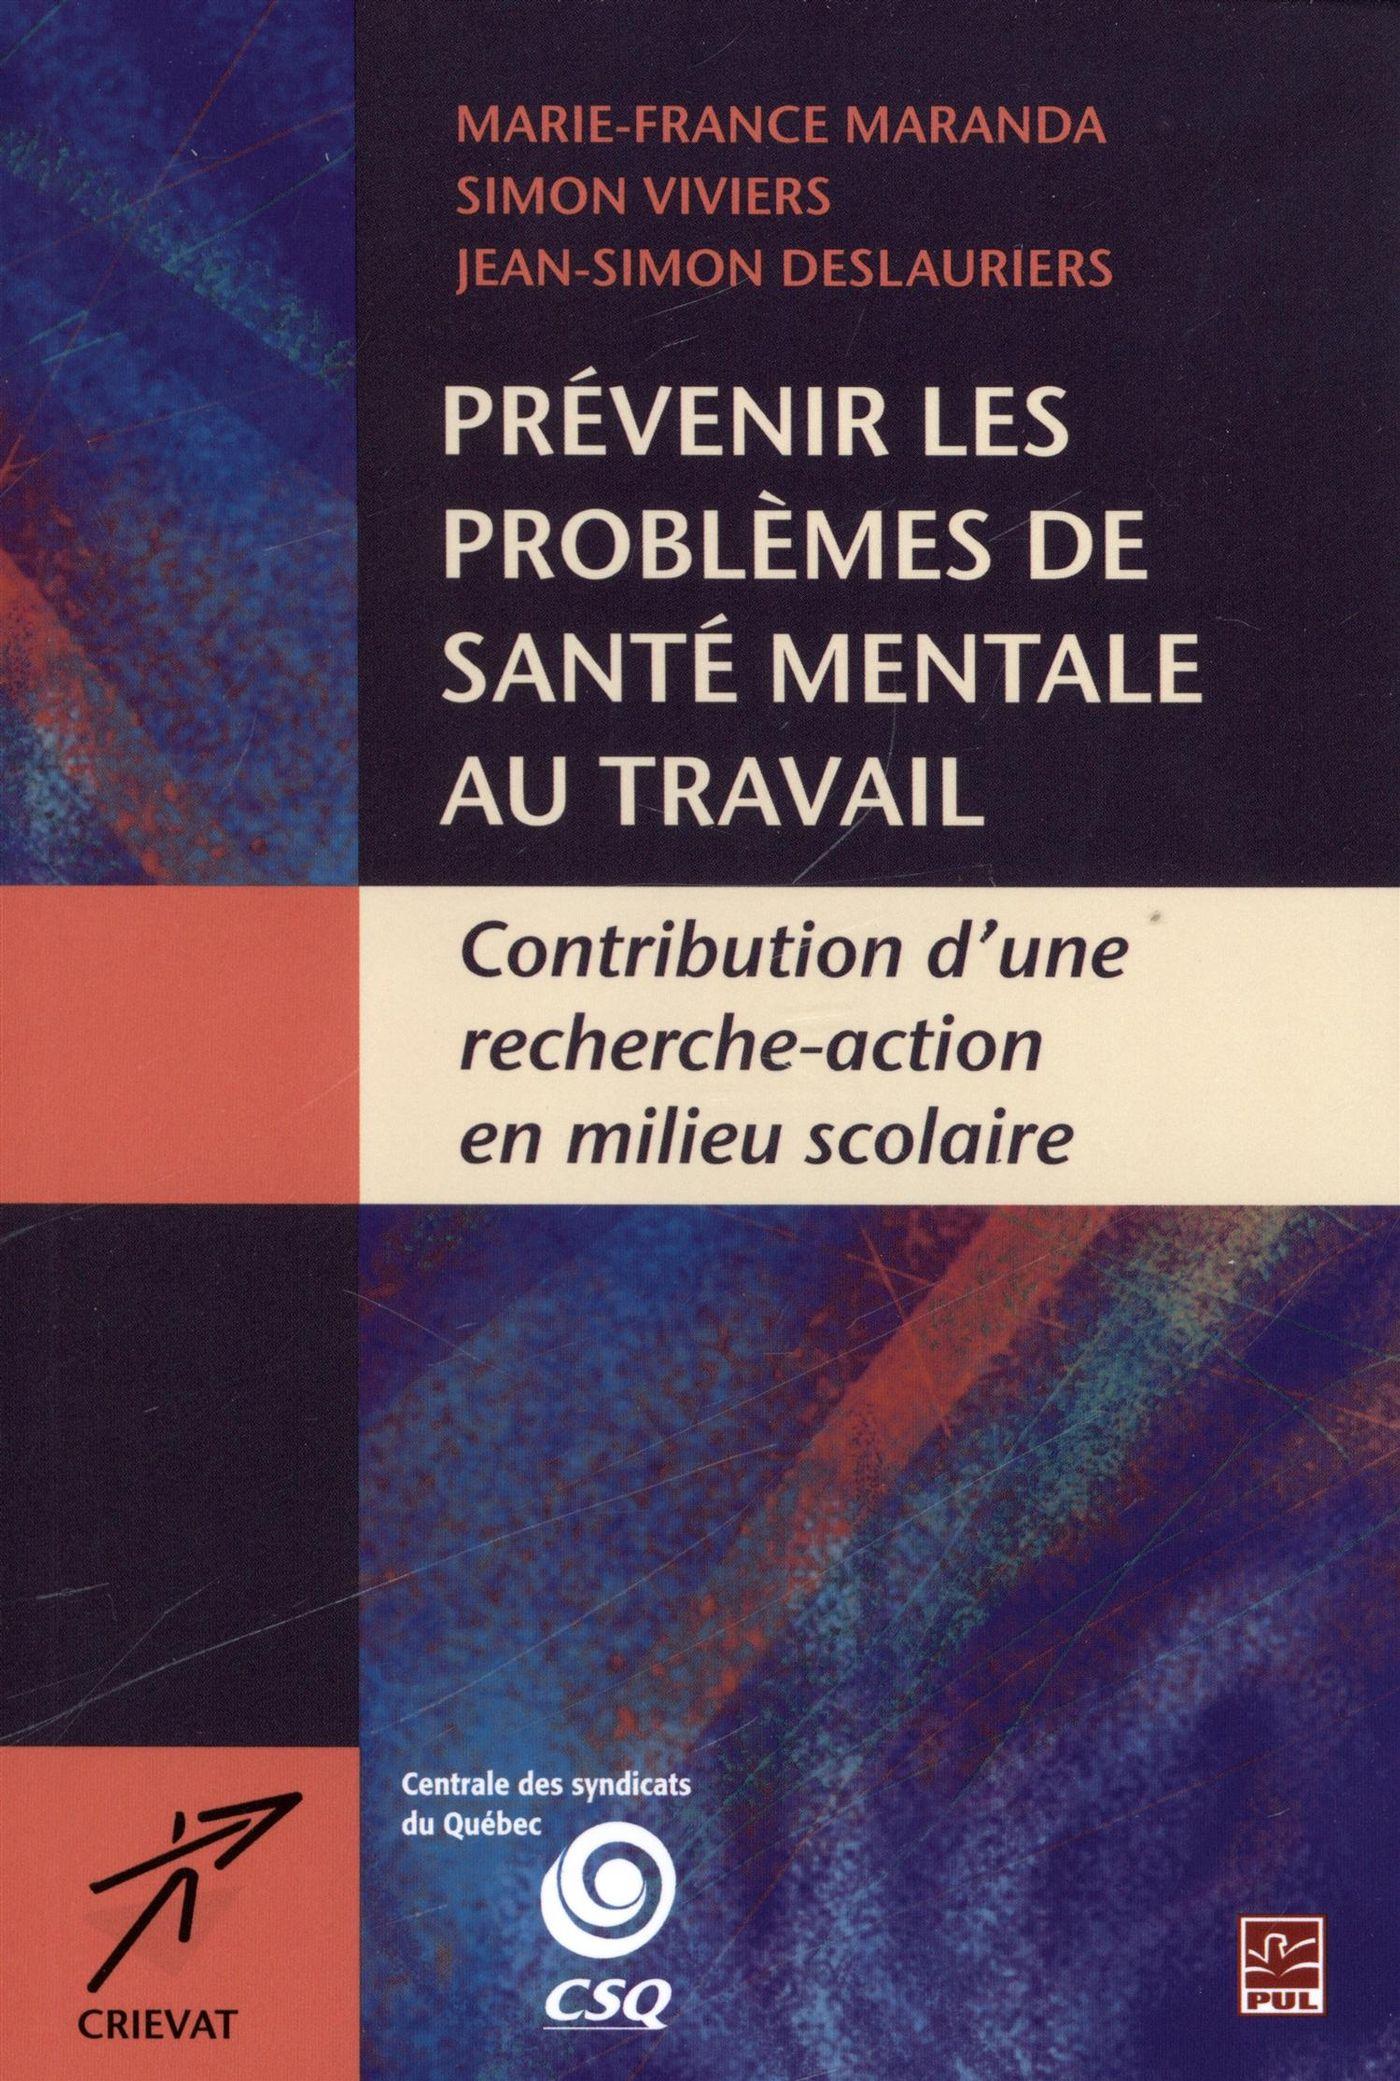 Prévenir les problèmes de santé mentale au travail